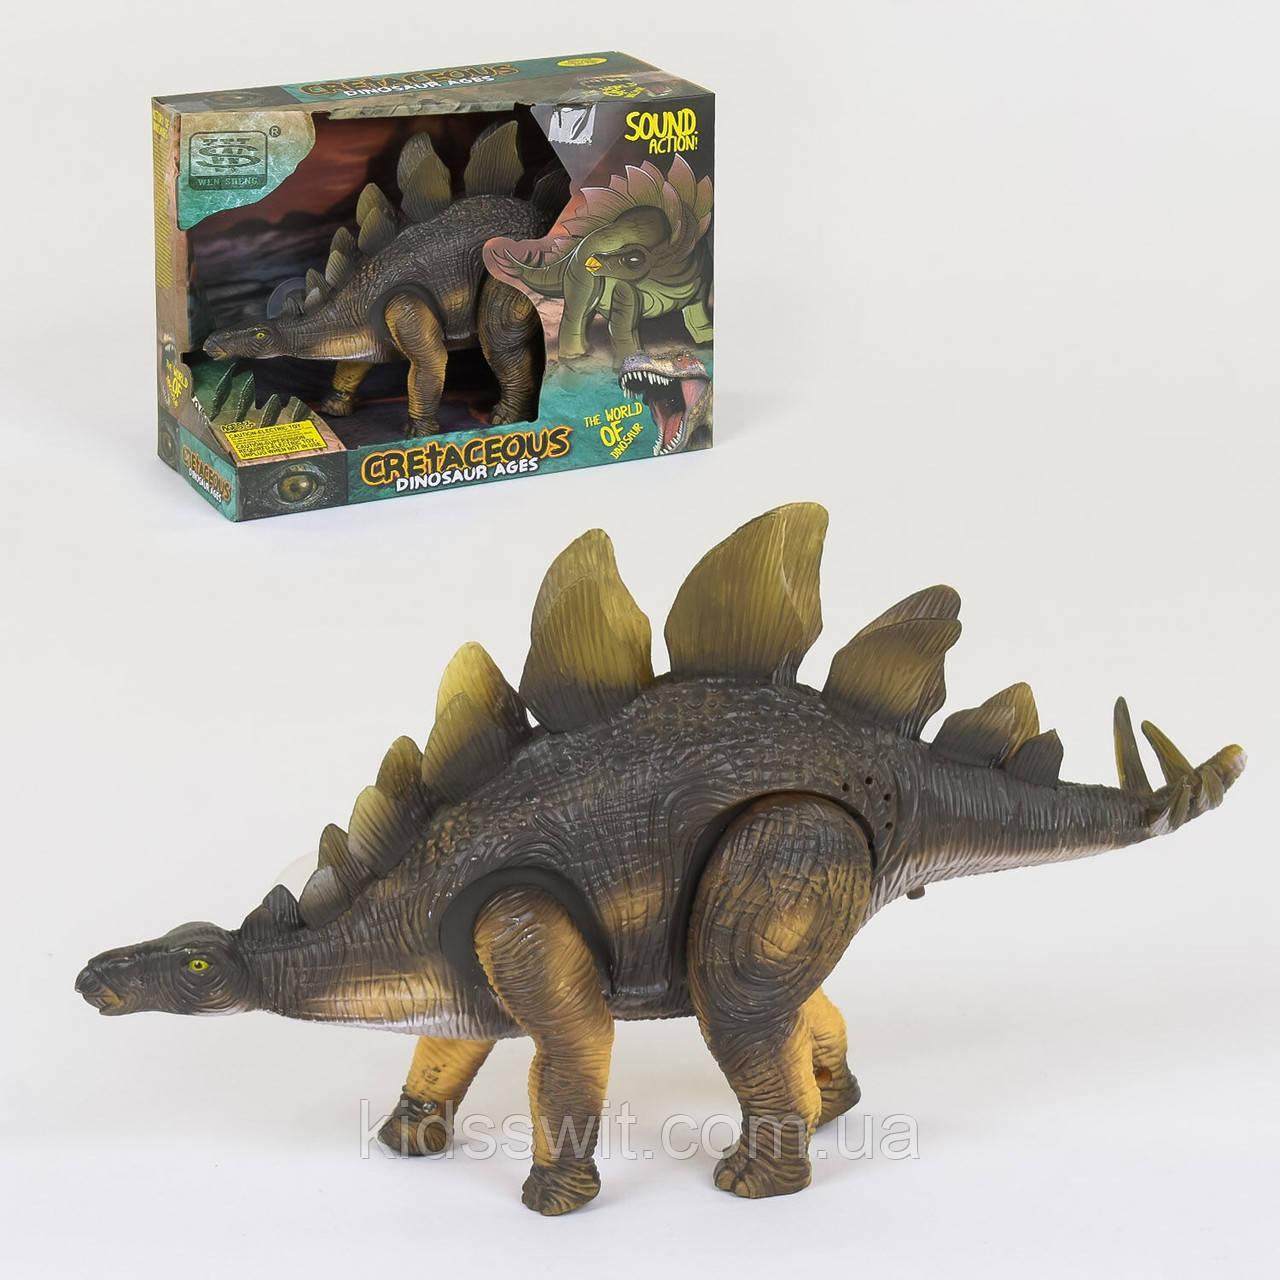 Динозавр, ходить, підсвічування, звук, WS 5355